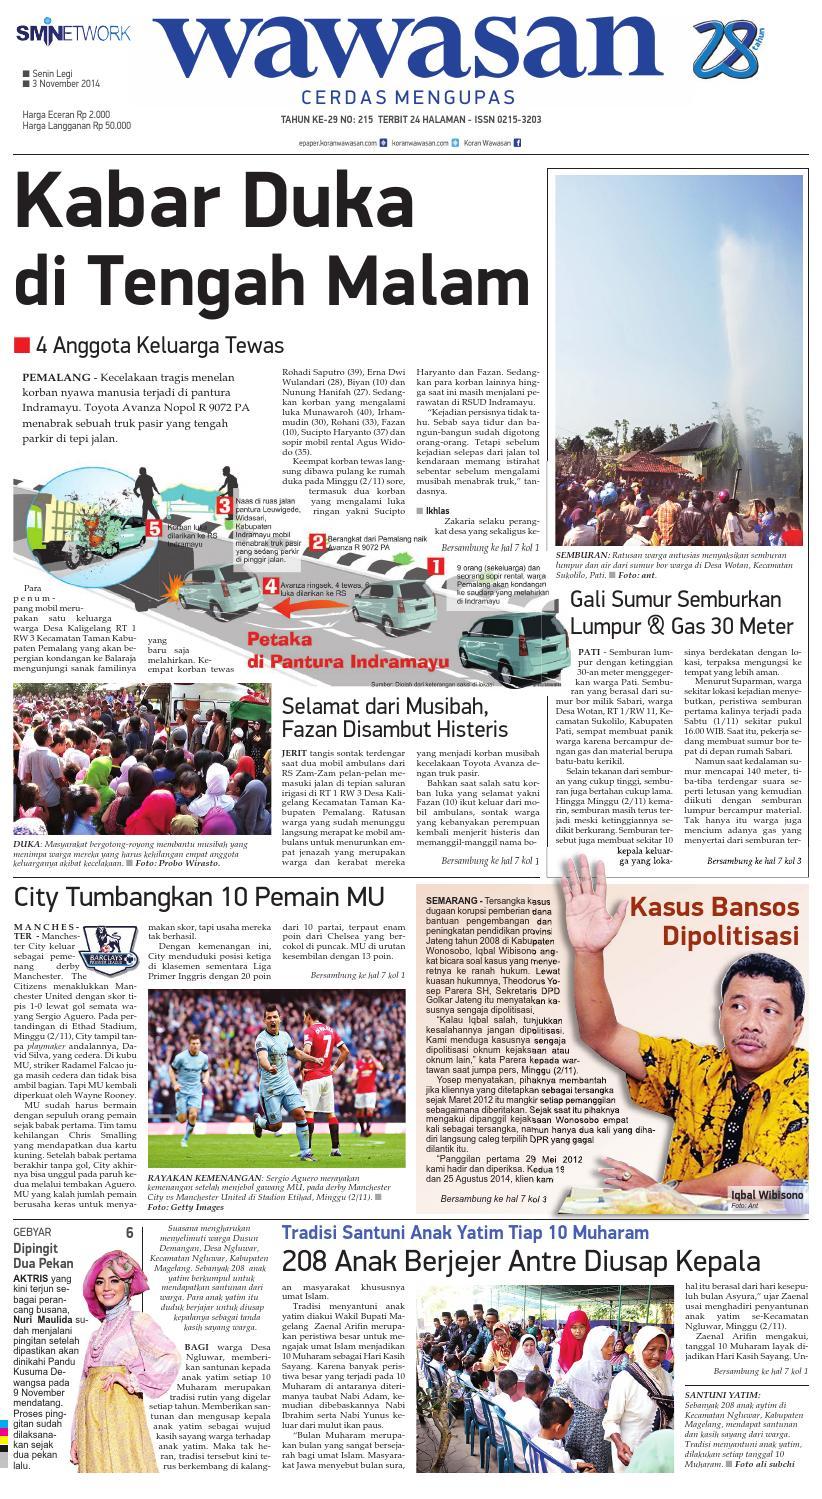 Wawasan 03 Nopember 2014 By Koran Pagi Issuu Rkb Bni Tegal Kranjang Buah Nur Fashion And Art